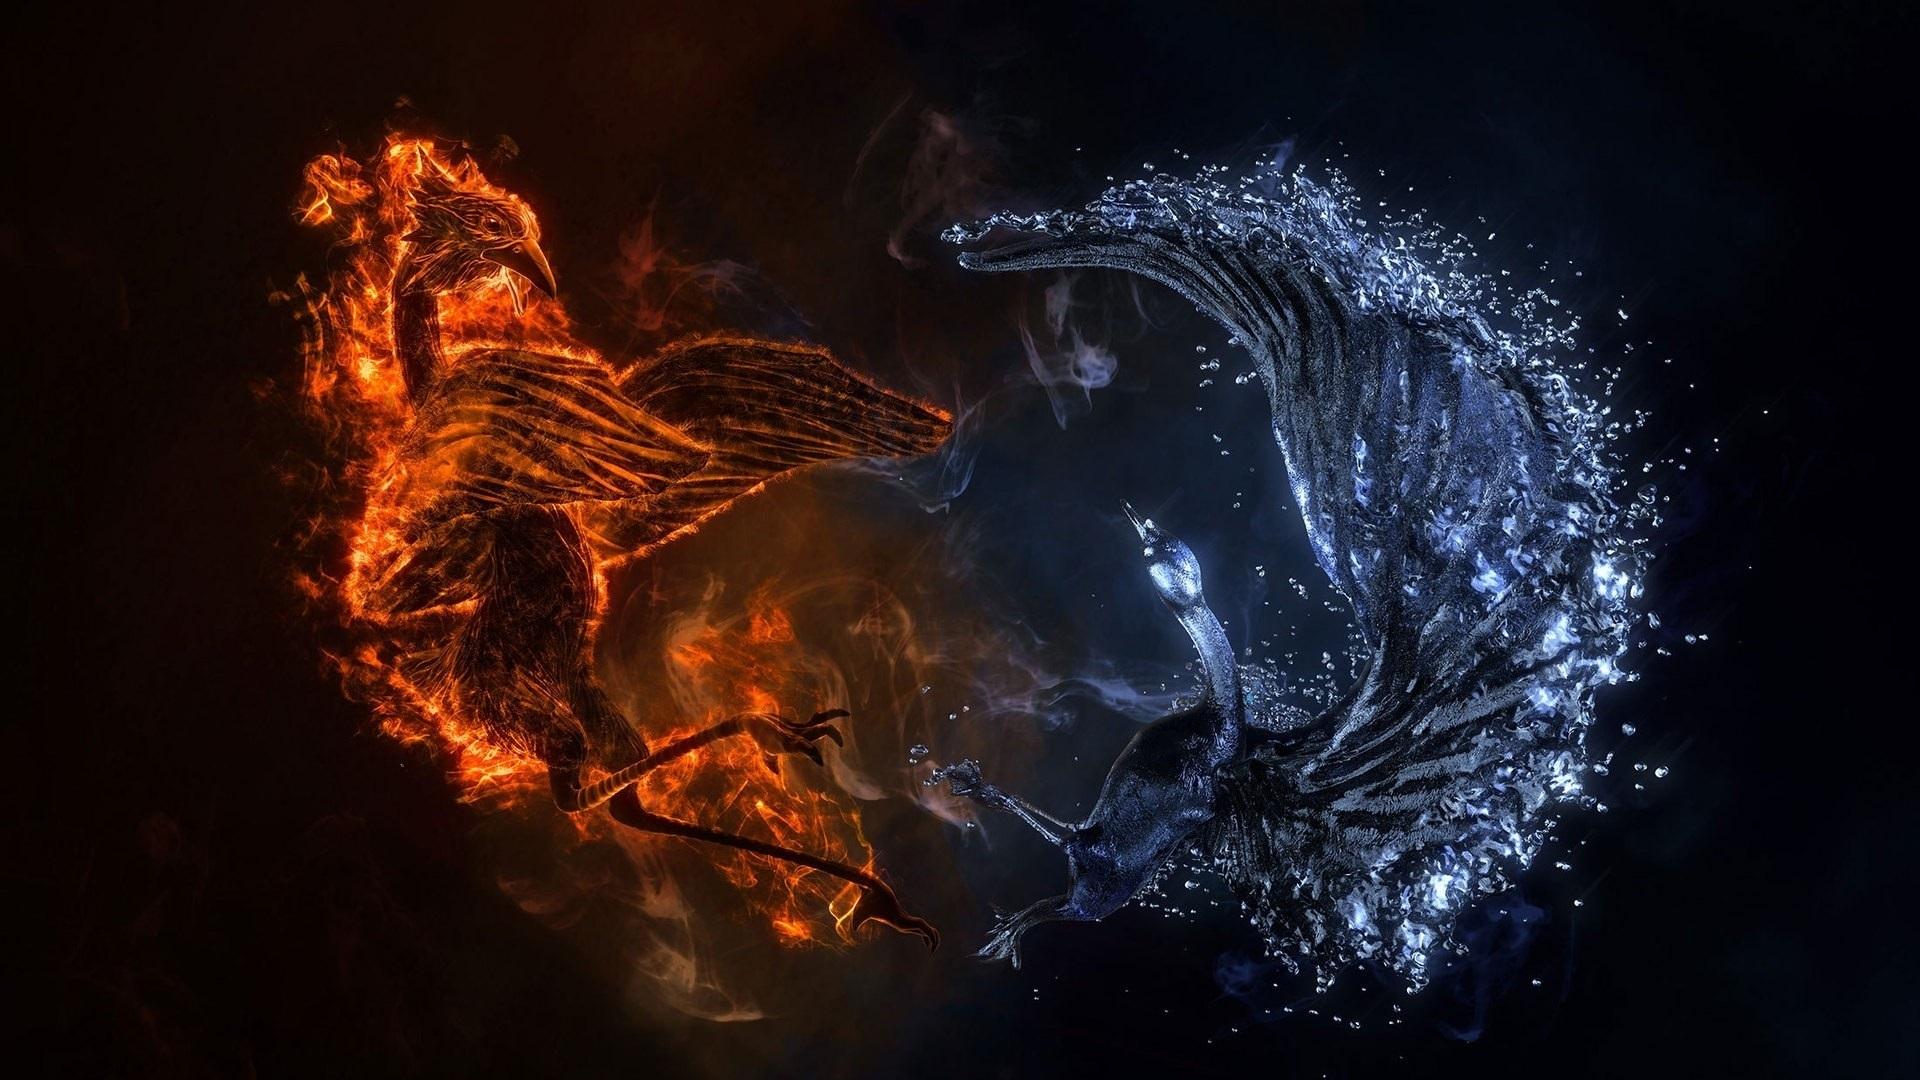 Fonds d'écran Phoenix et cygne, feu et eau, design créatif 1920x1080 Full HD image